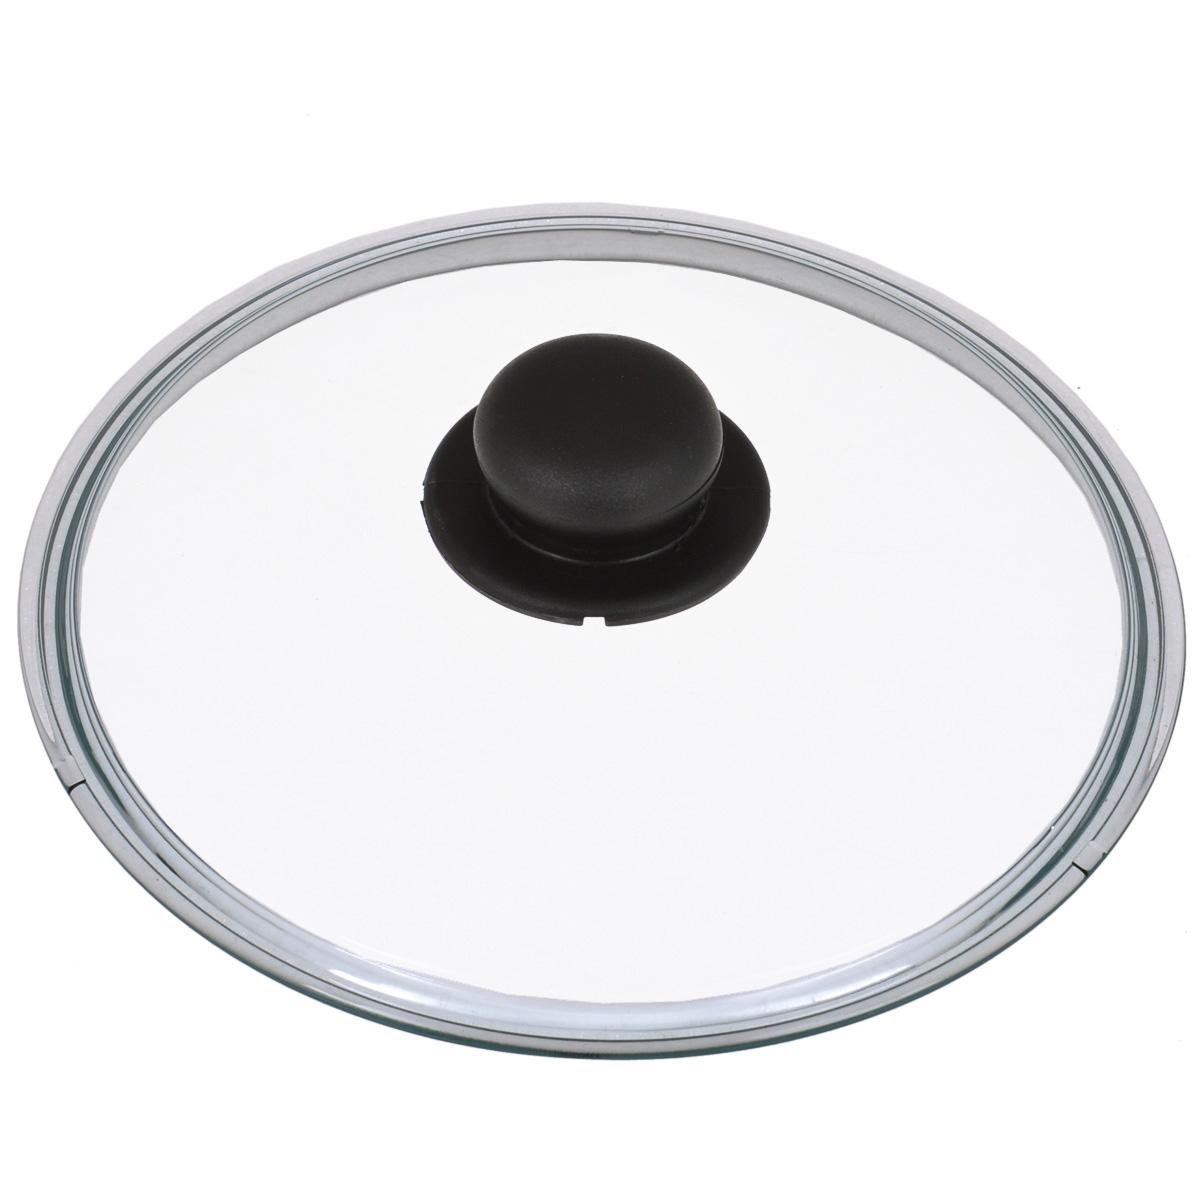 Крышка стеклянная Tescoma Unicover. Диаметр 24 см68/5/4Стеклянная крышка Tescoma Unicover изготовлена из массивного прочного стекла и оснащена термостойкой бакелитовой ручкой.Крышка Tescoma Unicover предназначена для сковород Tescoma Presto, Advance, Premium, Tulip, Home Profi, Vision. Также ее можно использовать для других сковород и посуды соответствующего диаметра. Можно мыть в посудомоечной машине. Не использовать в духовке.